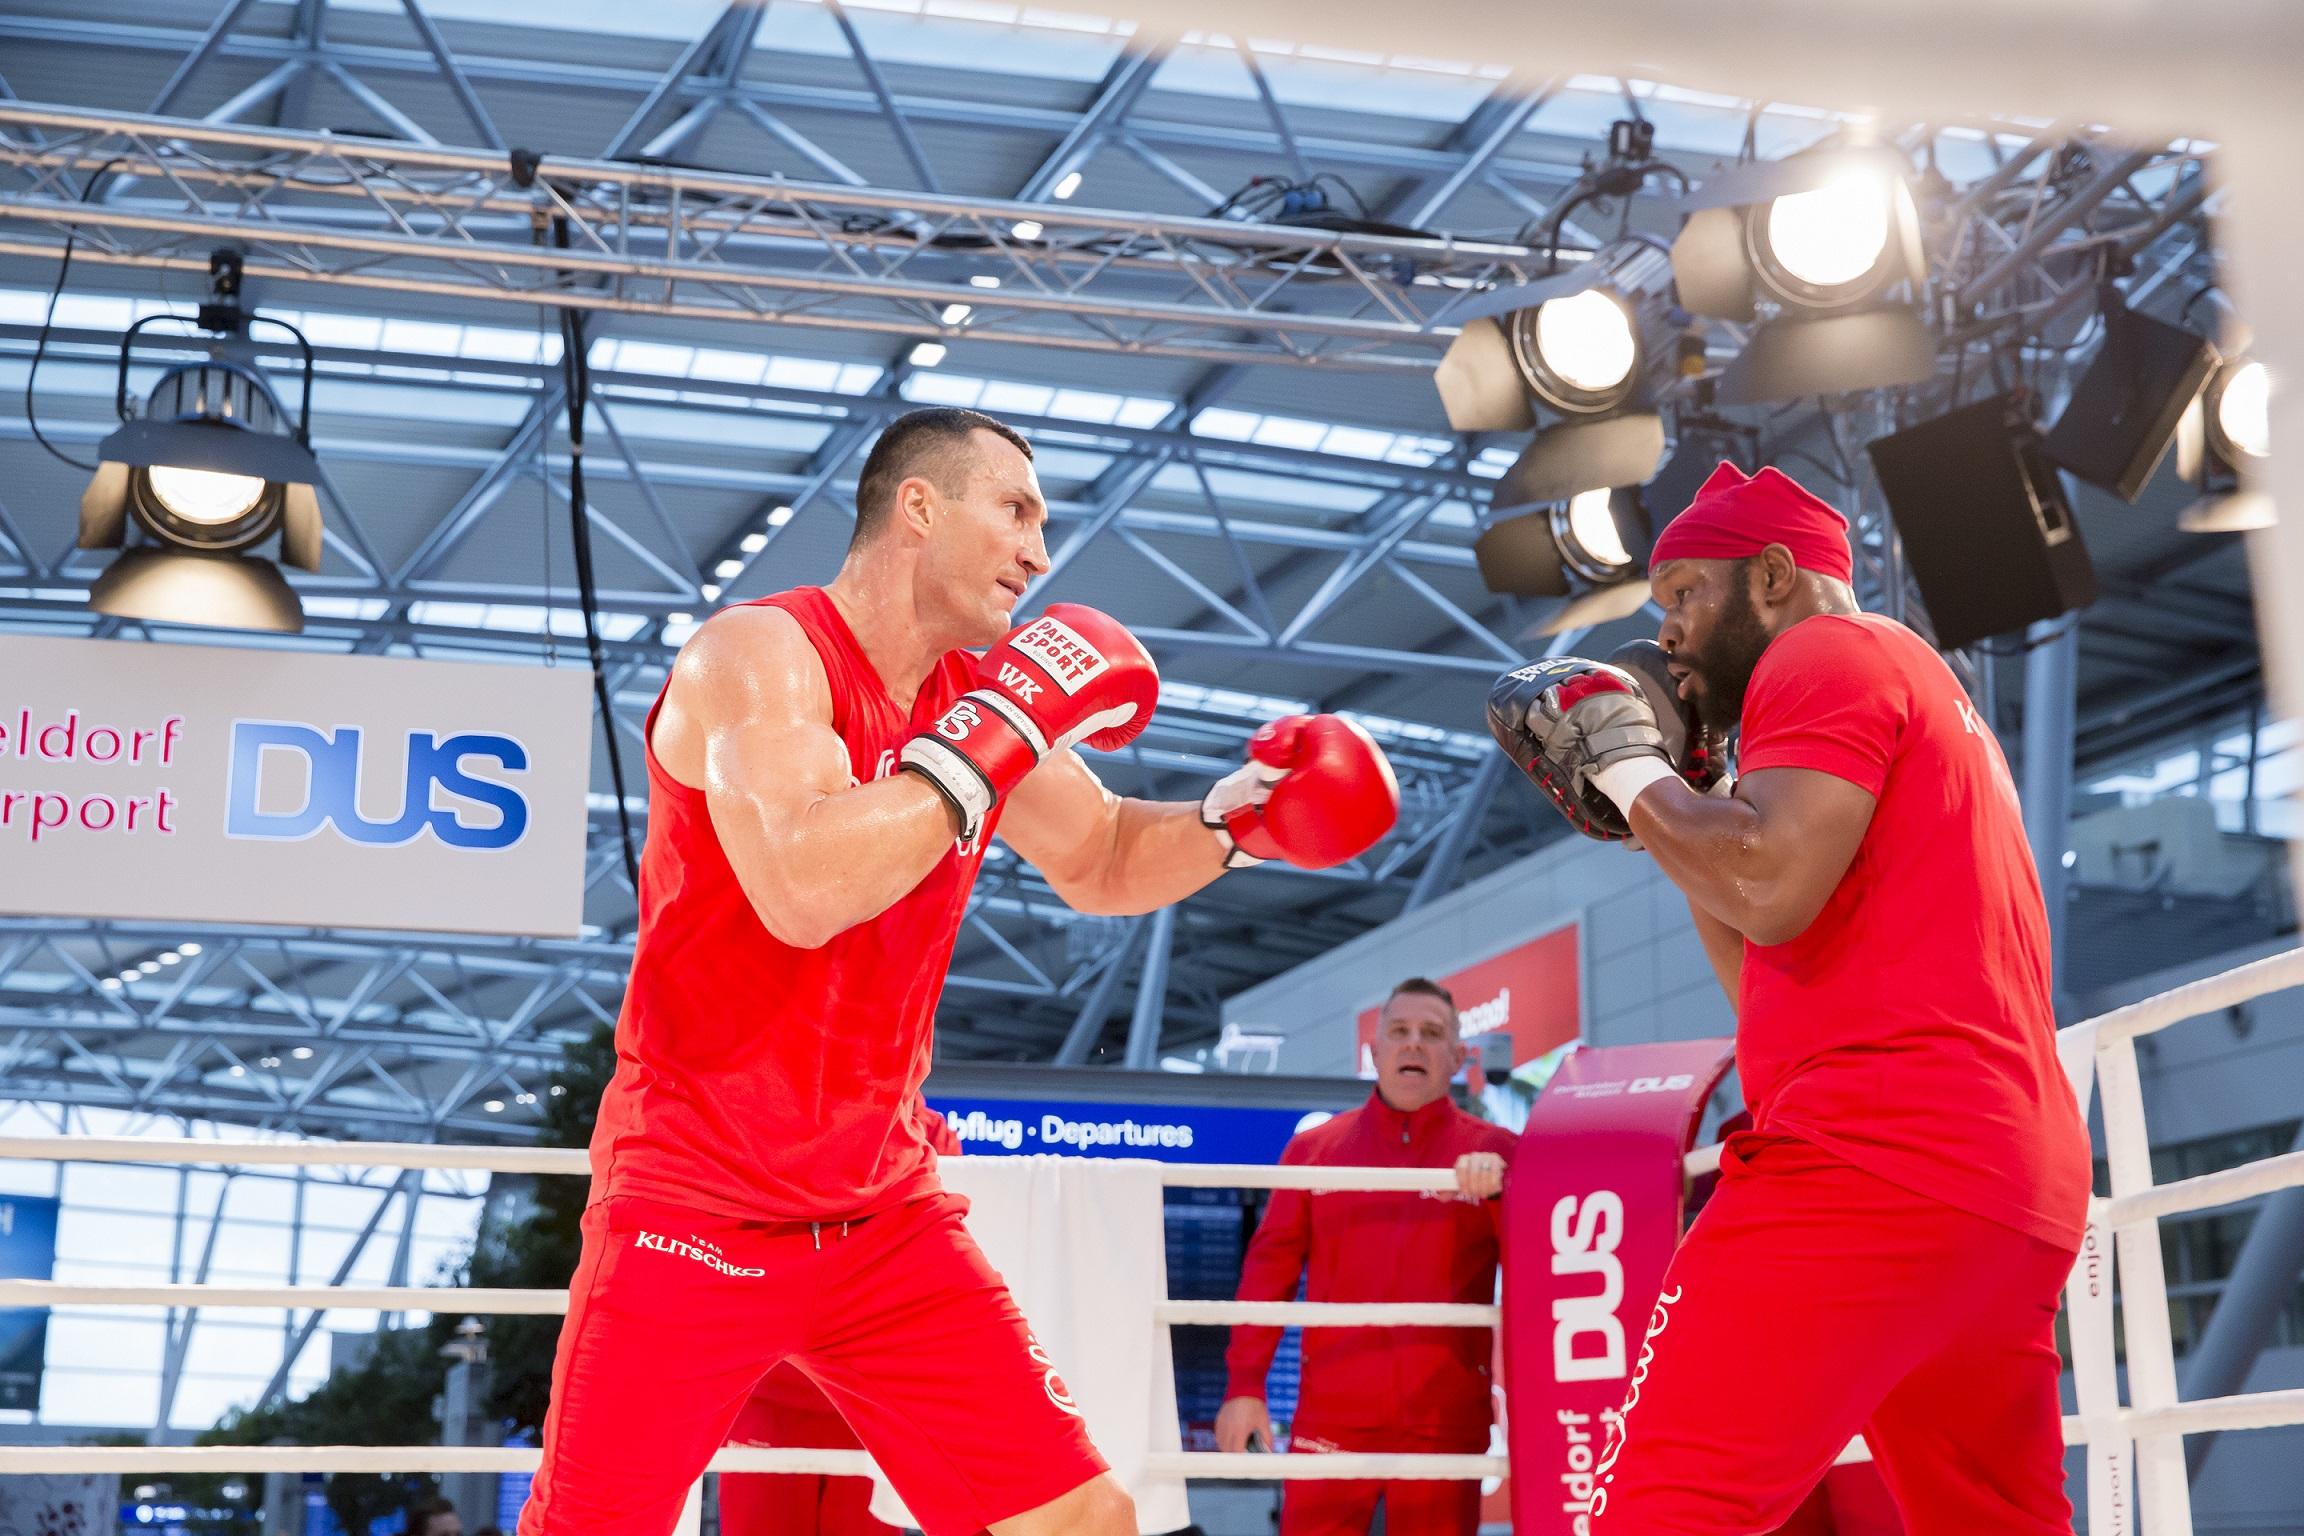 Klitschko und Fury absolvierten Workout am Flughafen (Foto: Düsseldorf Airport/Andreas Wiese)